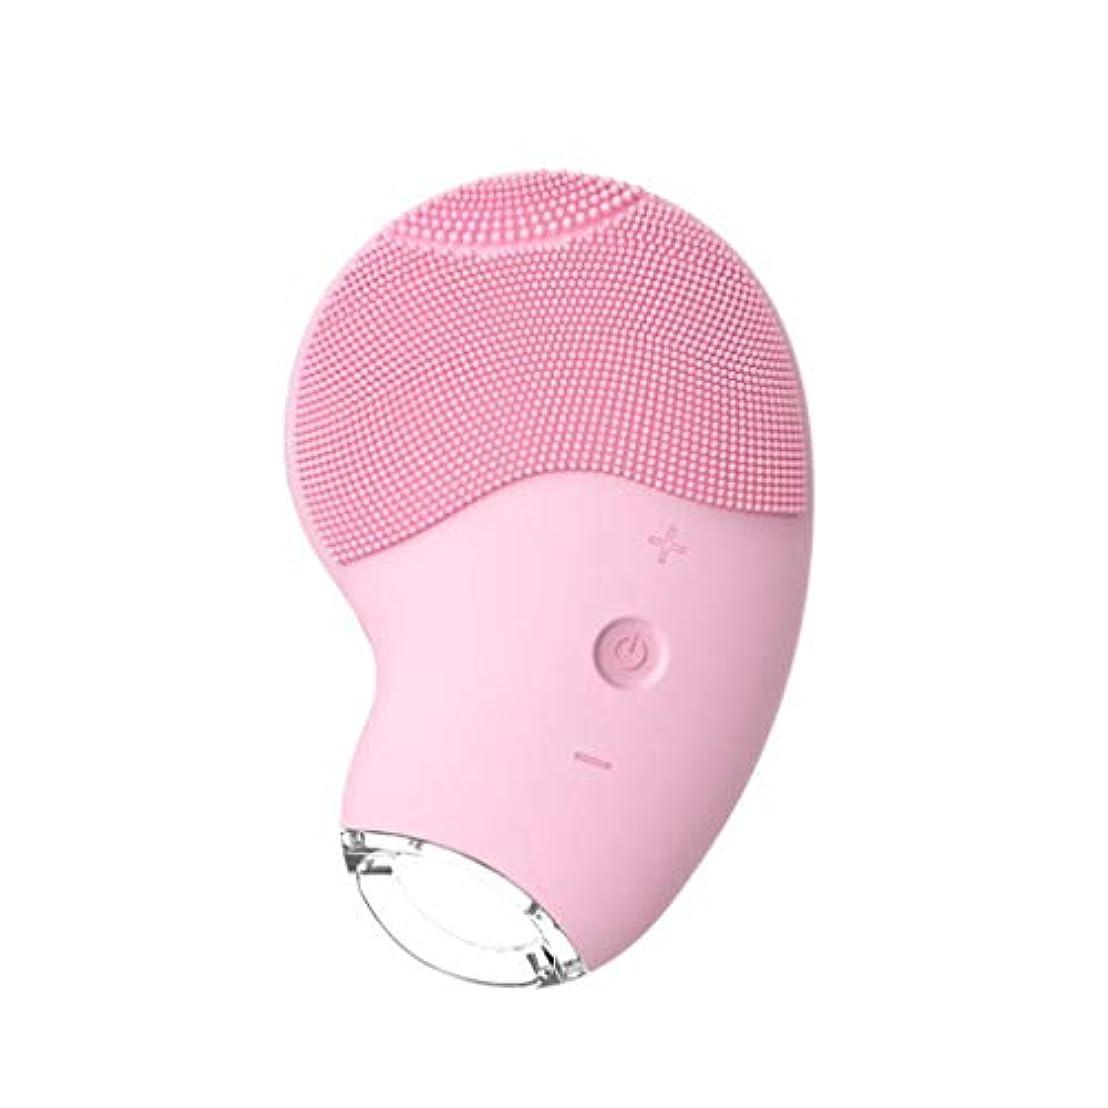 領域出血バーター洗顔料、クレンジング器具、シリコンクレンジングブラシマッサージャー、USBパワーインターフェース充電、ディープクレンジング、なめらかな肌、肌をきれいにし、メラニンを軽減